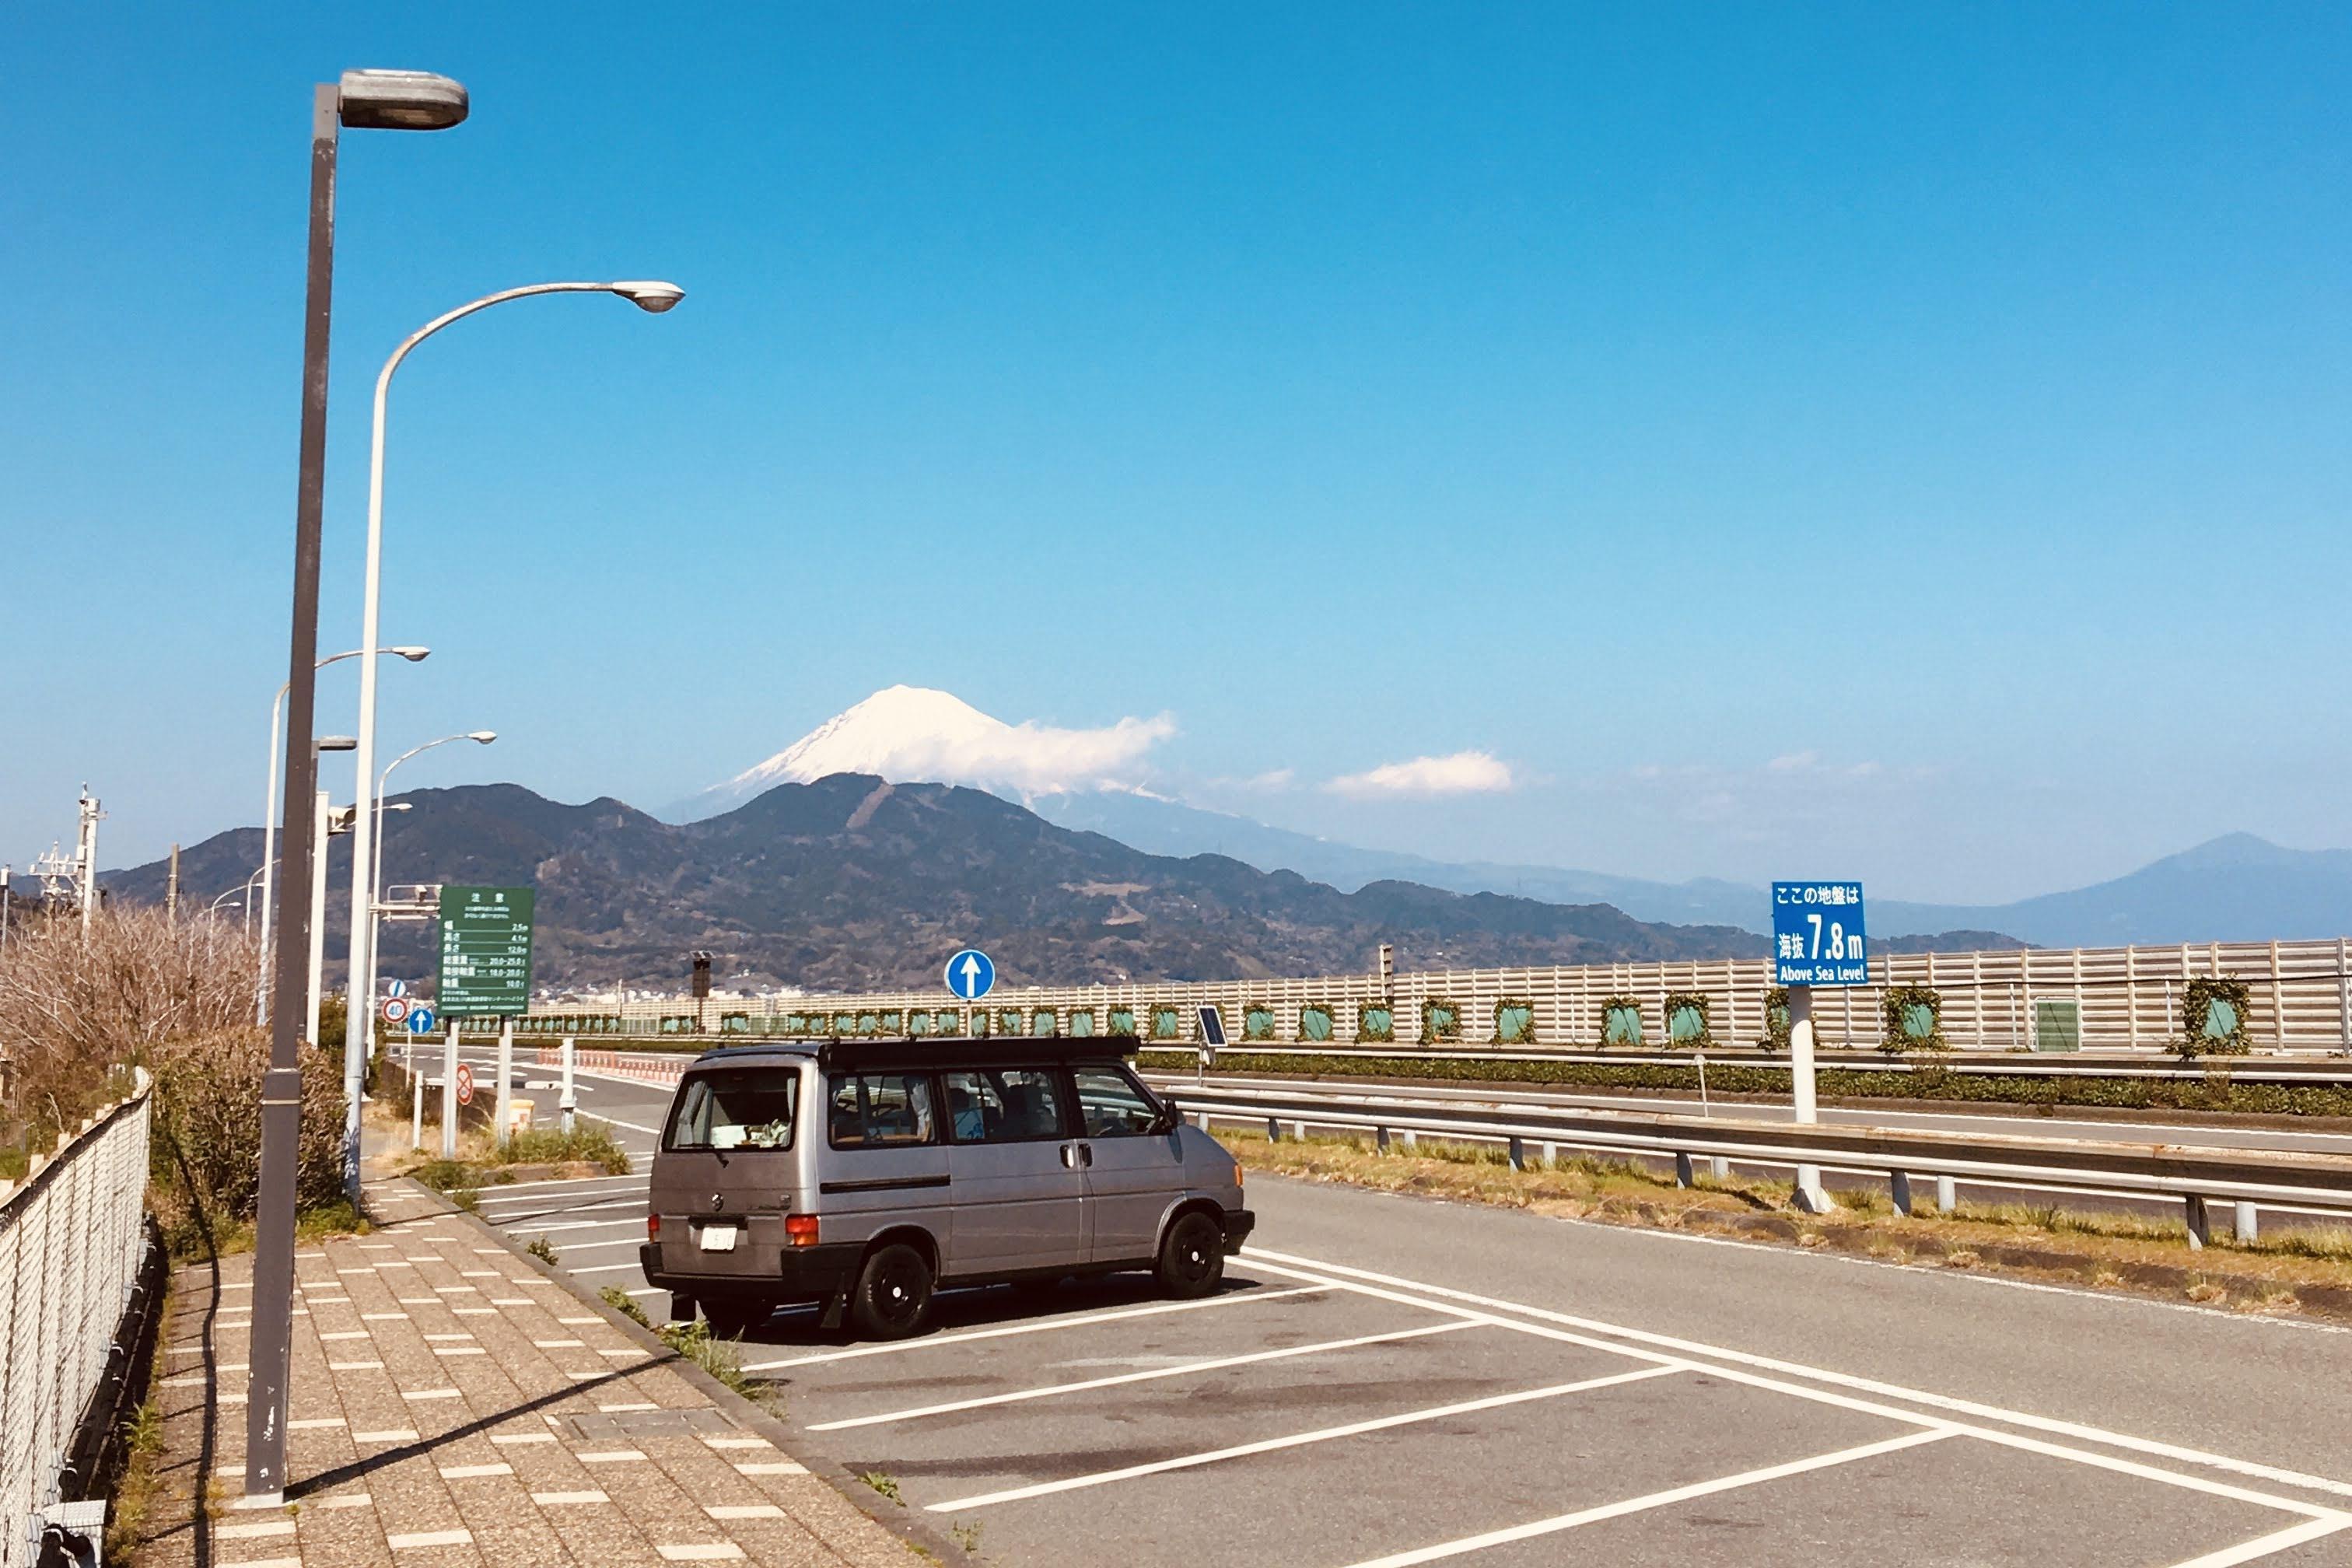 さすがVW、高速巡航が快適ですよ~♪運転が楽しいキャンパー。毎月神奈川~愛知と、東名を横断してます。